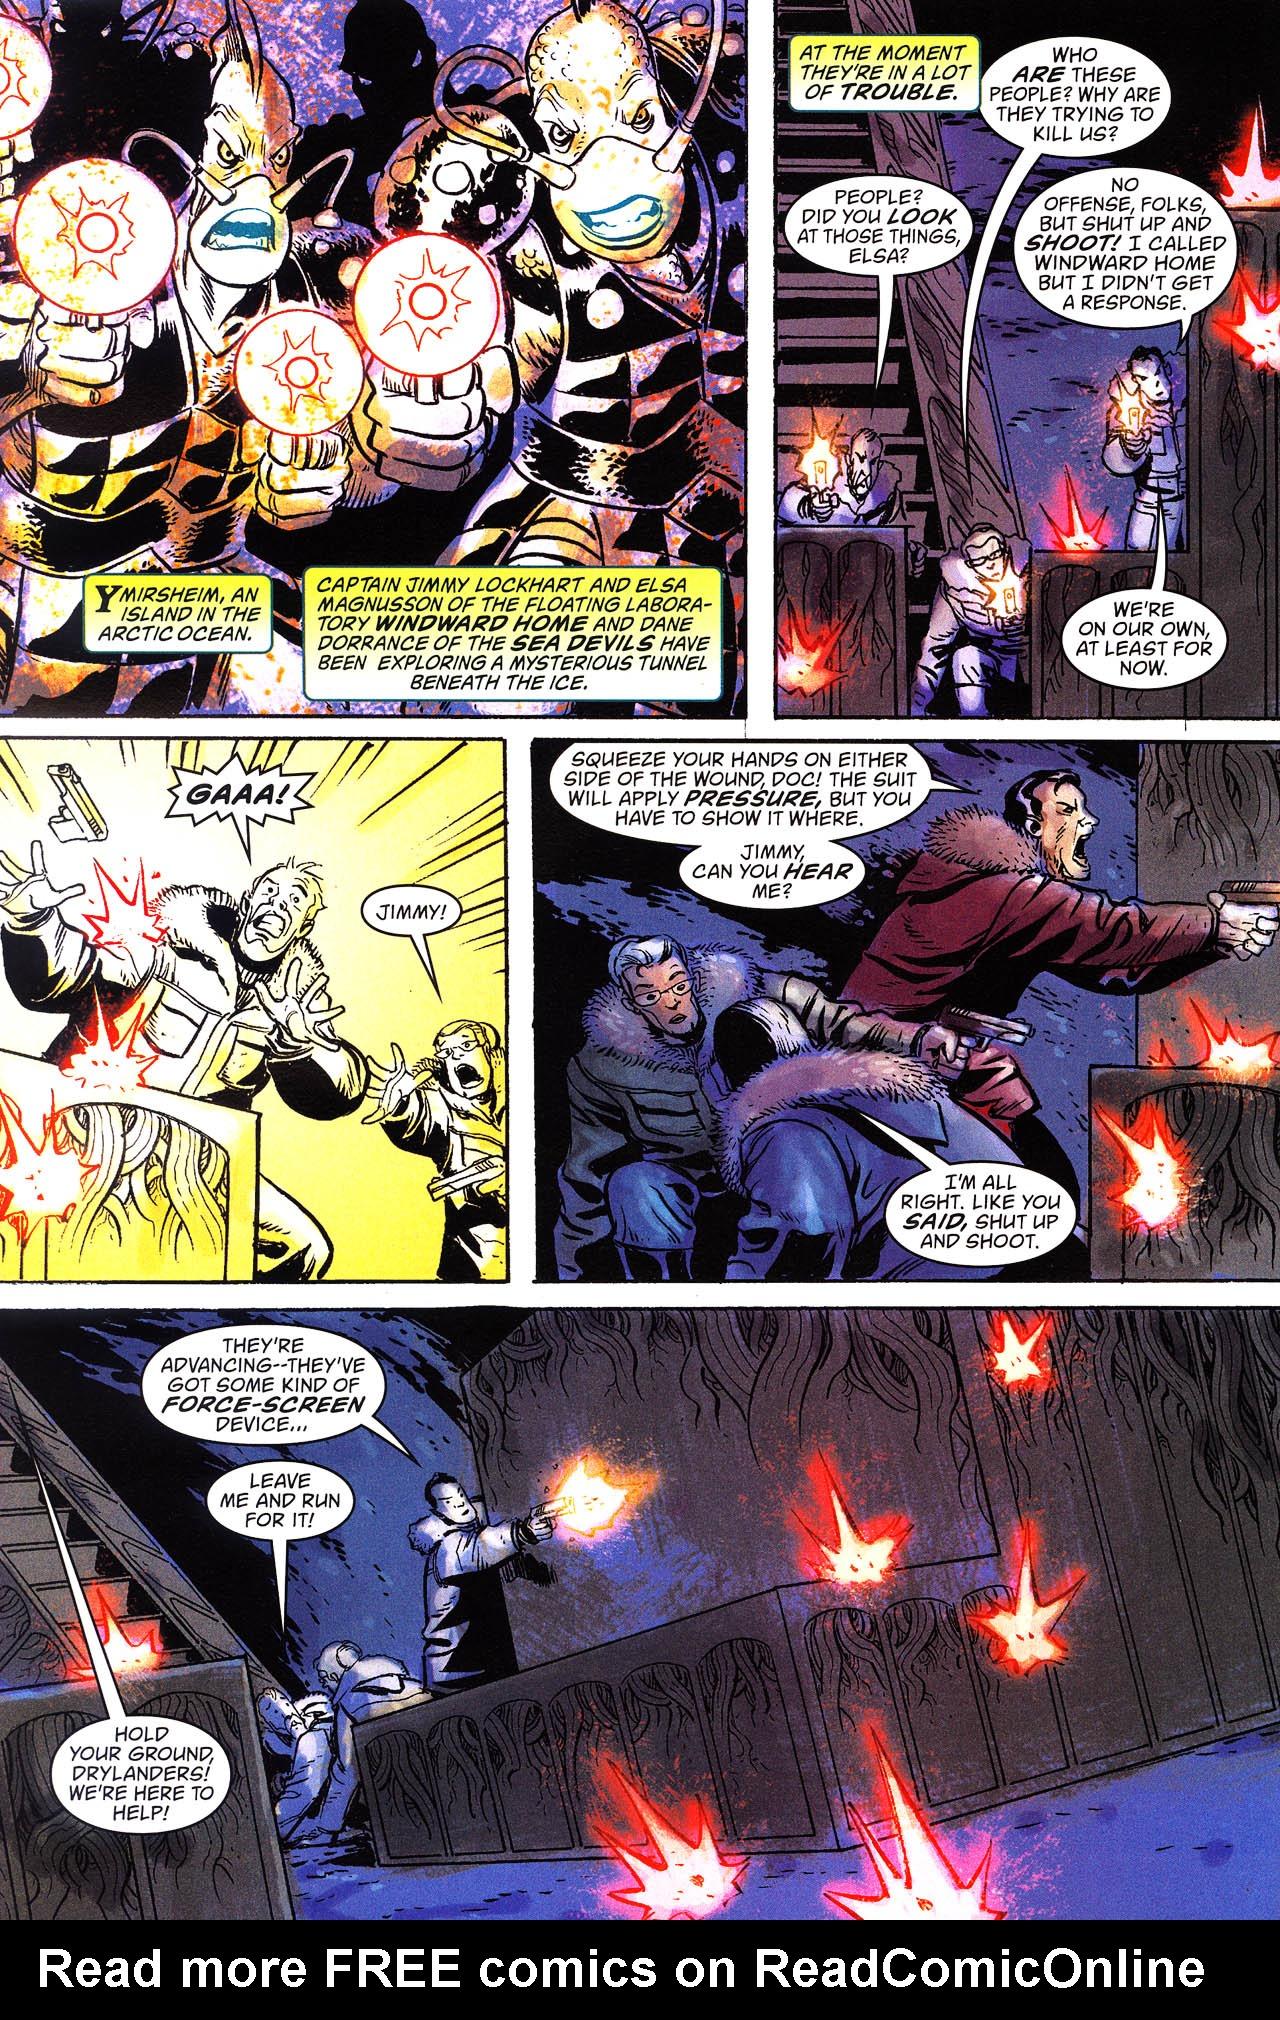 Read online Aquaman: Sword of Atlantis comic -  Issue #52 - 16